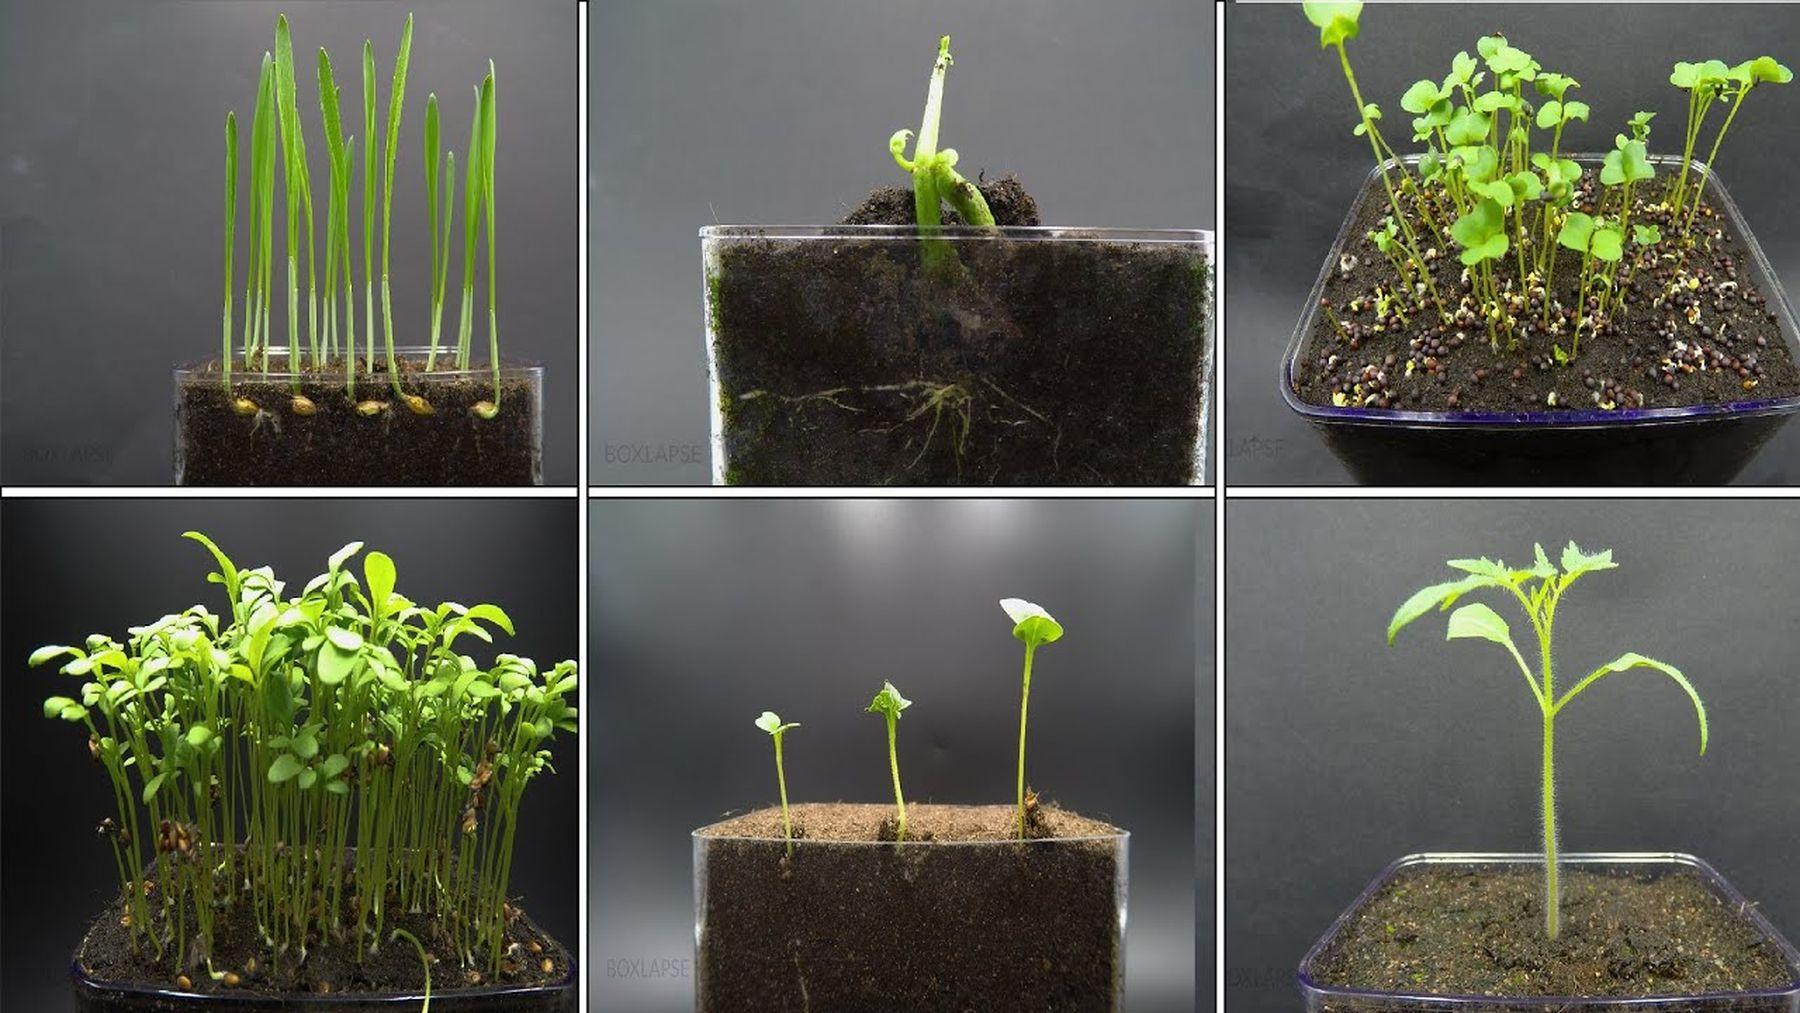 Dank Zeitraffer Pflanzen beim Wachsen zuschauen | Timelapse | Was is hier eigentlich los?